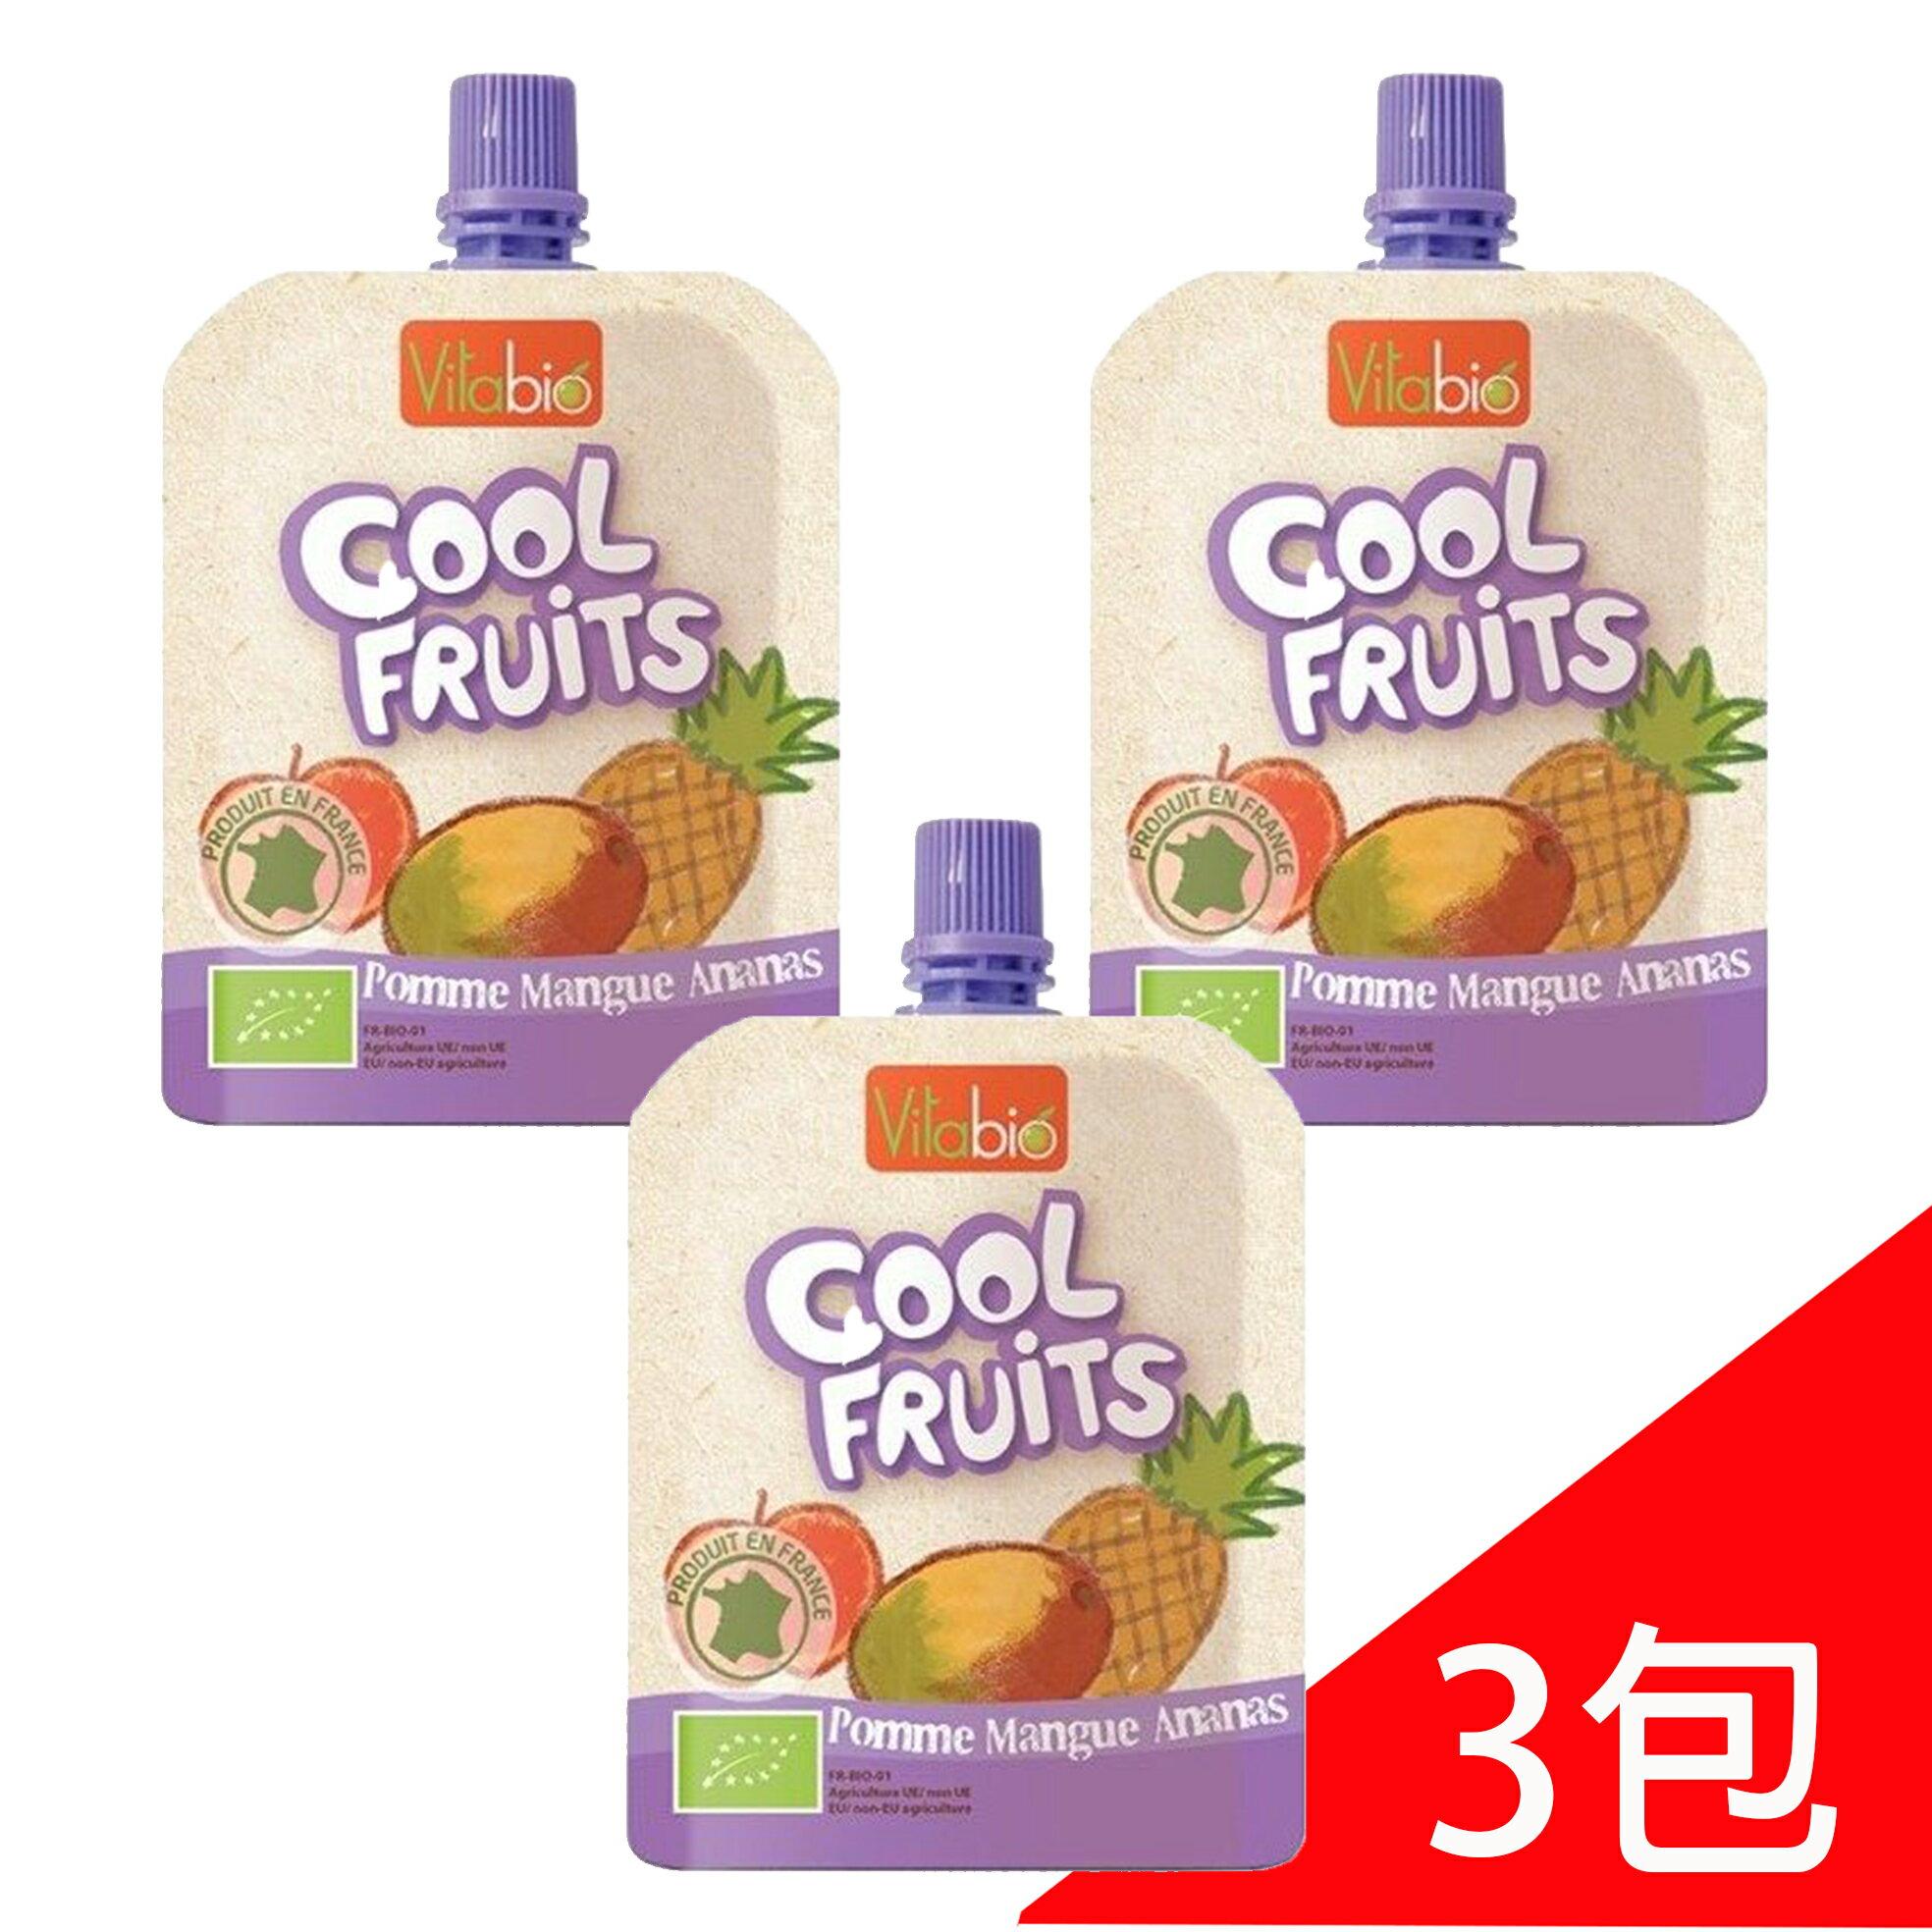 VITABIO 有機優鮮果-蘋果、芒果、鳳梨90g(12個月以上)  3包『121婦嬰用品館』